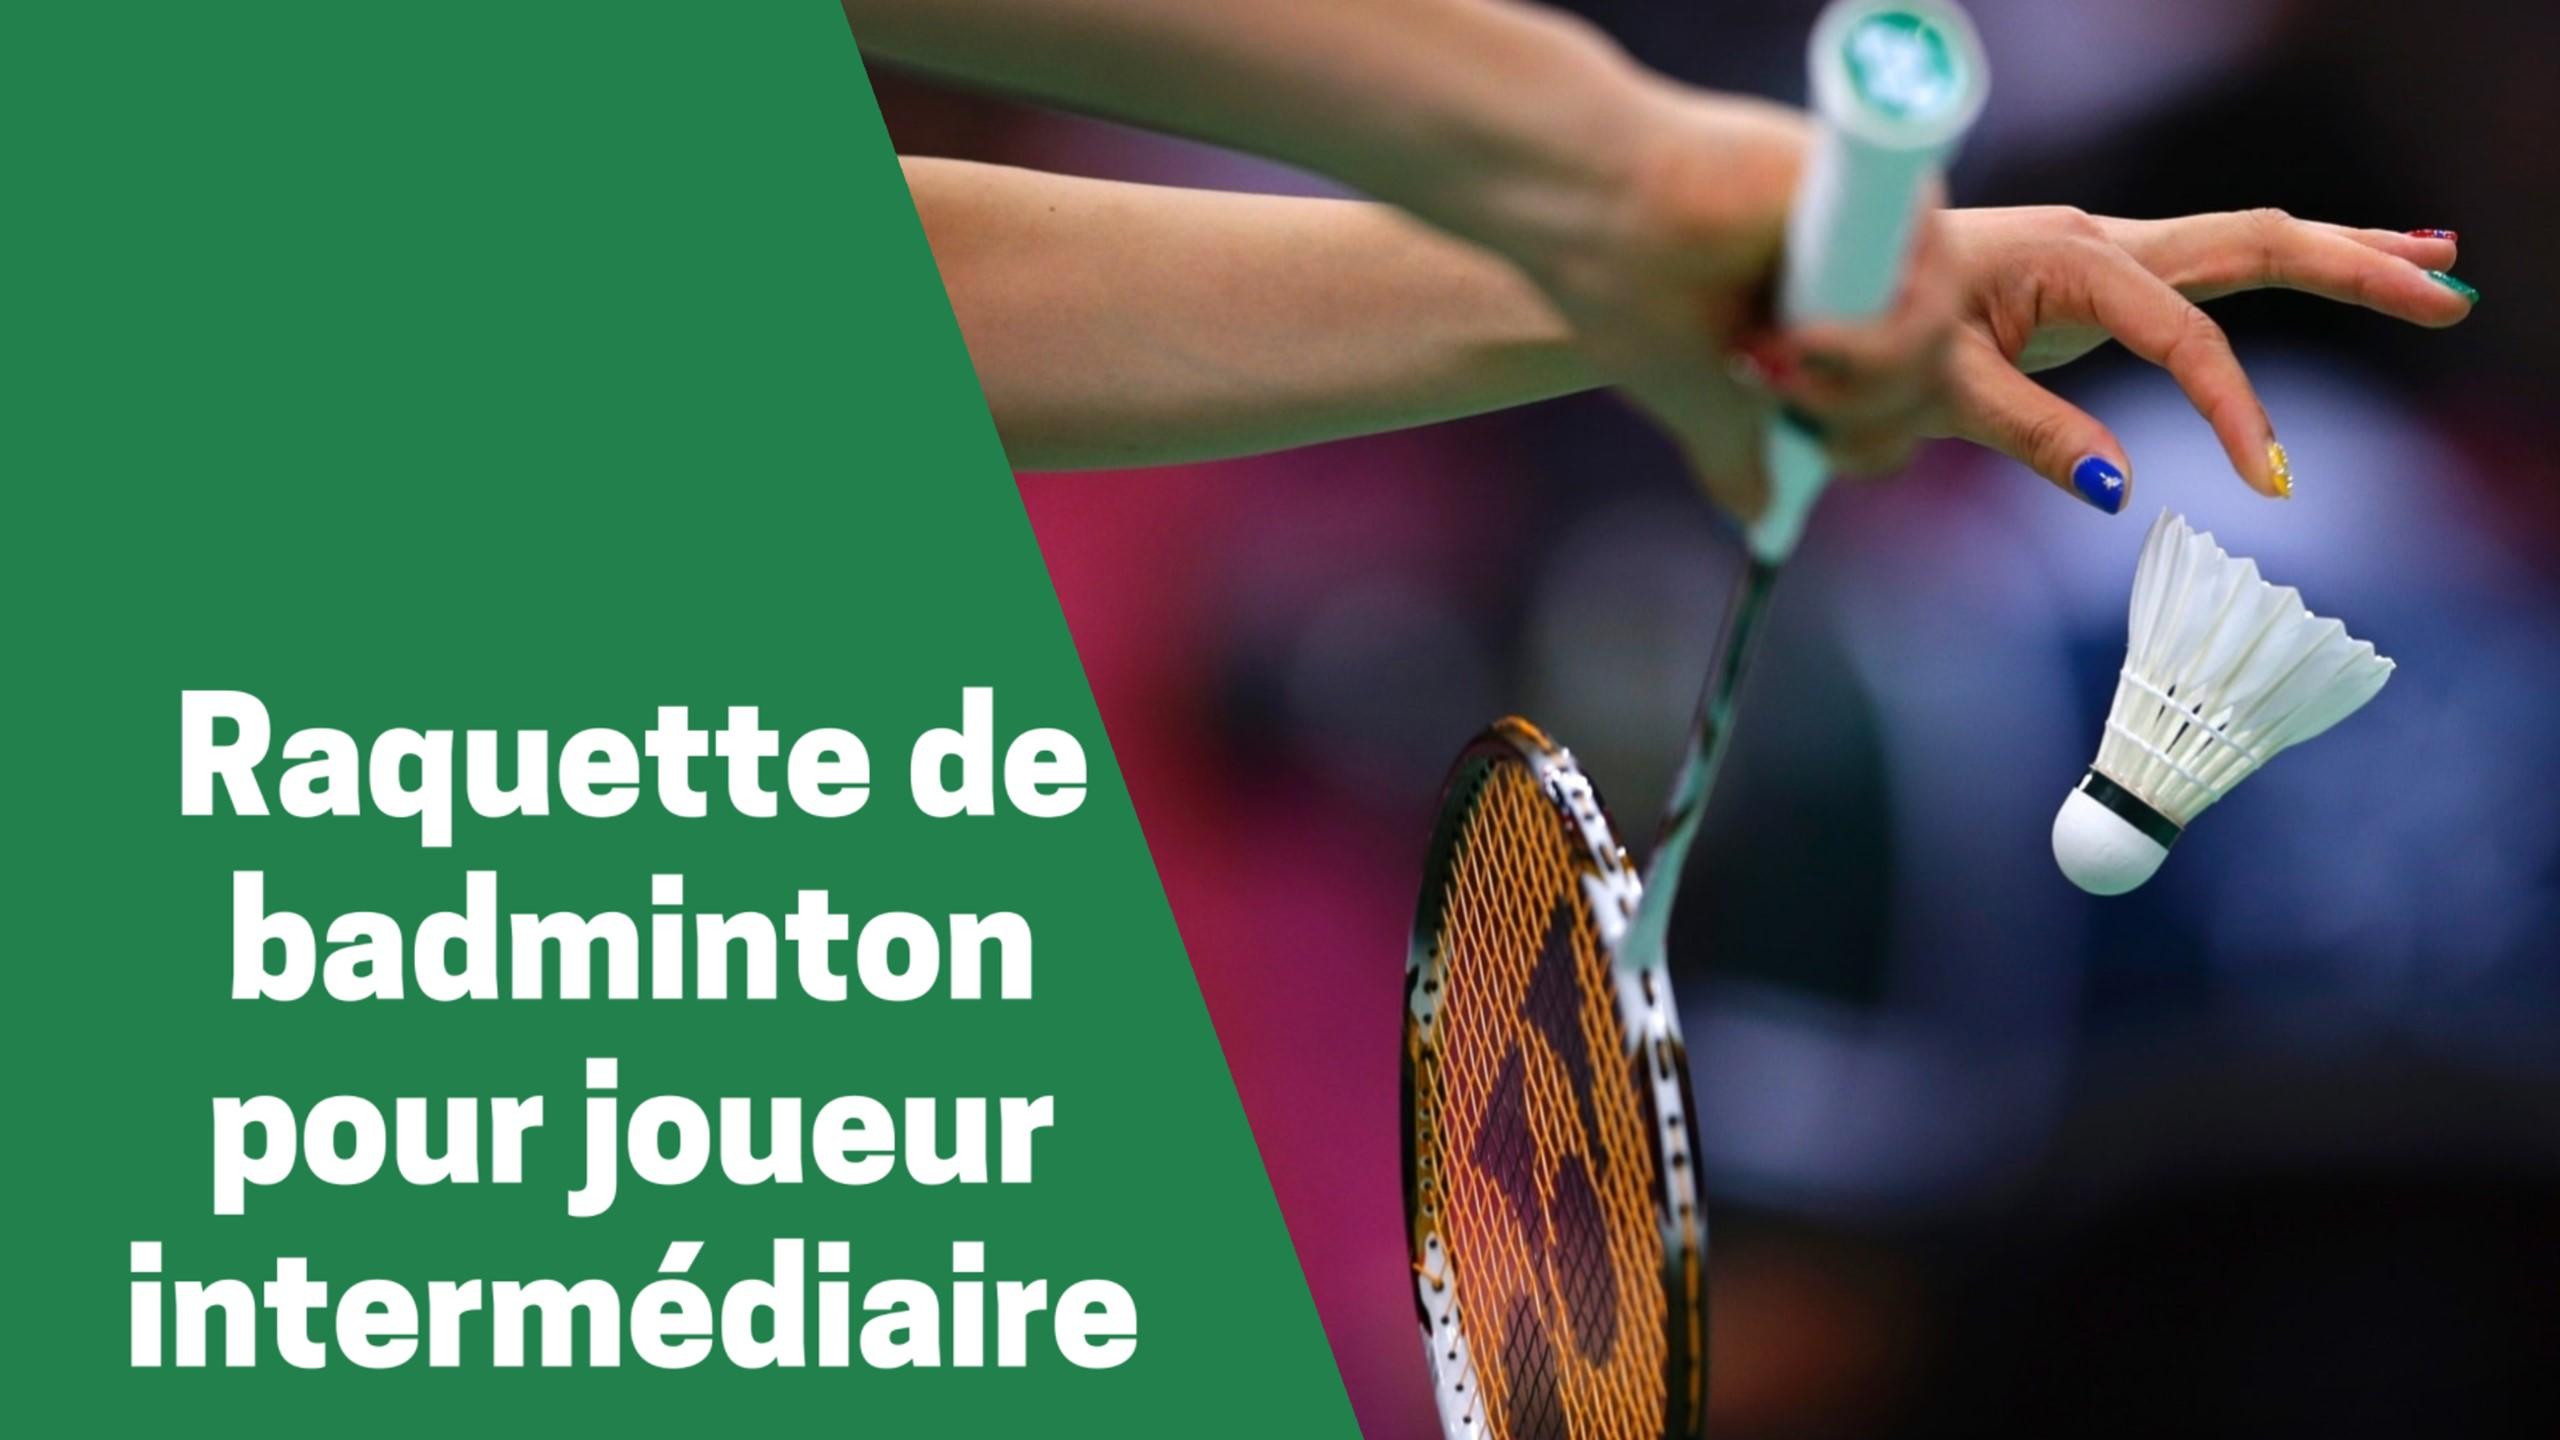 Selection des meilleures pagaies ou raquettes de badminton pour joueur intermédiaire comparatif guide achat avis test